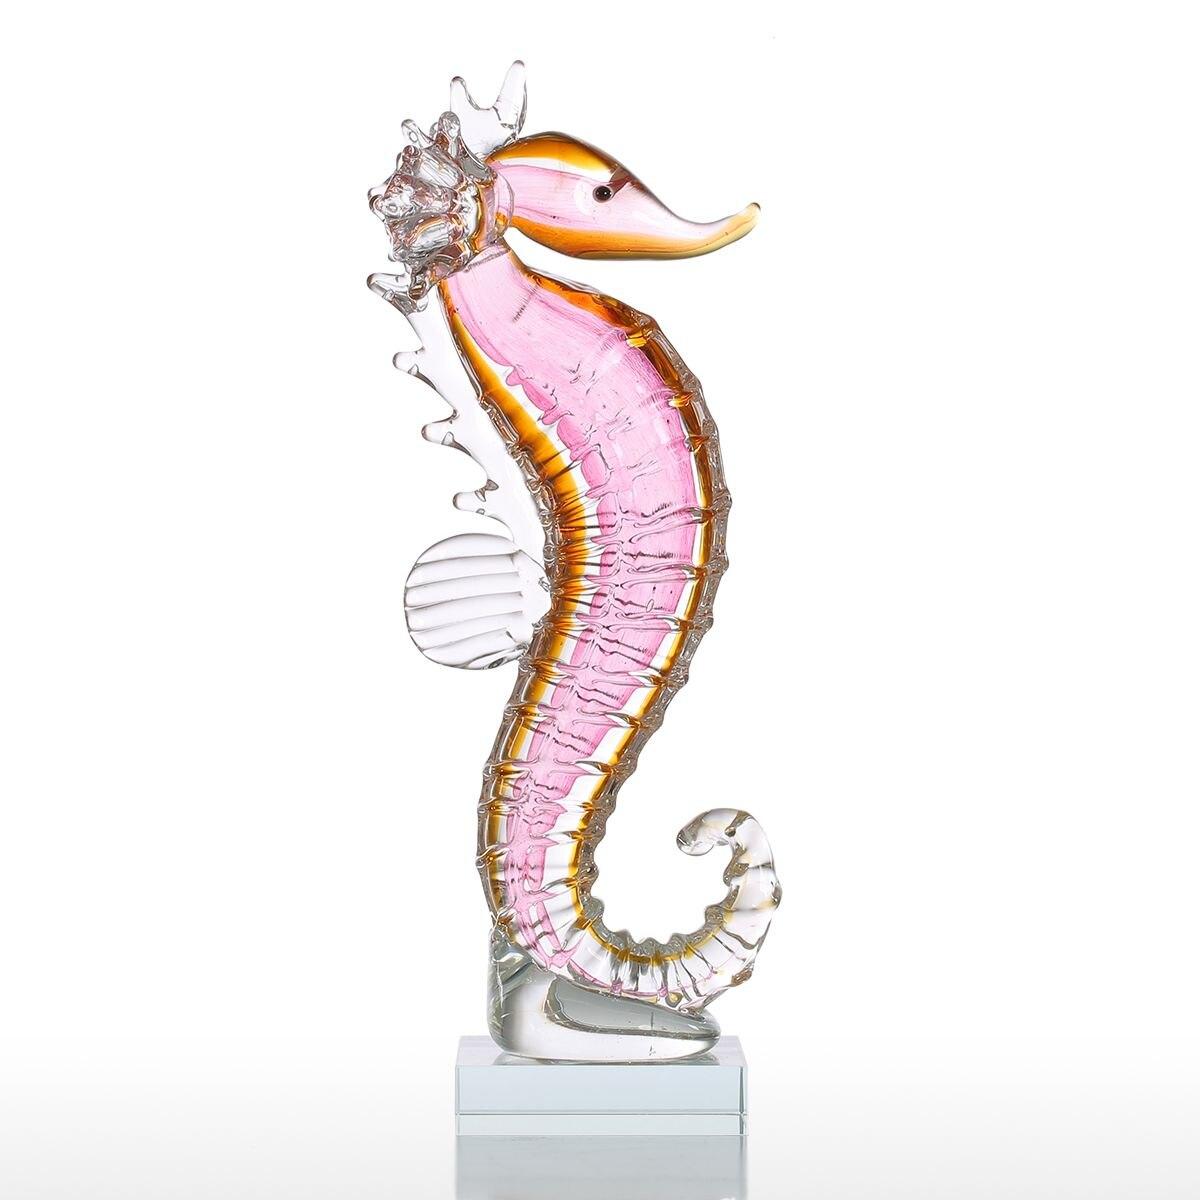 Beste Seepferdchen Färbung Seite Bilder - Druckbare Malvorlagen ...